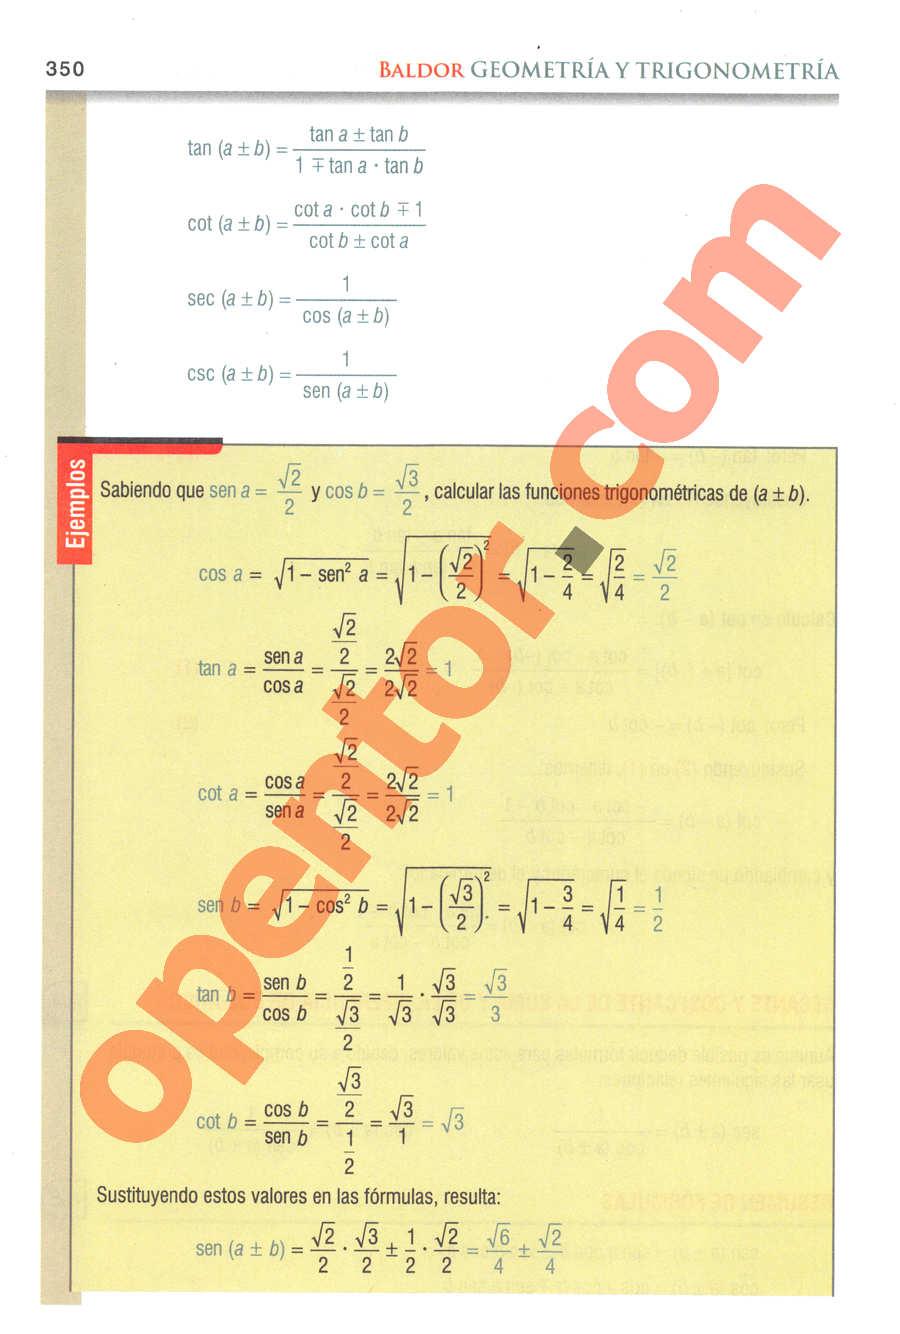 Geometría y Trigonometría de Baldor - Página 350